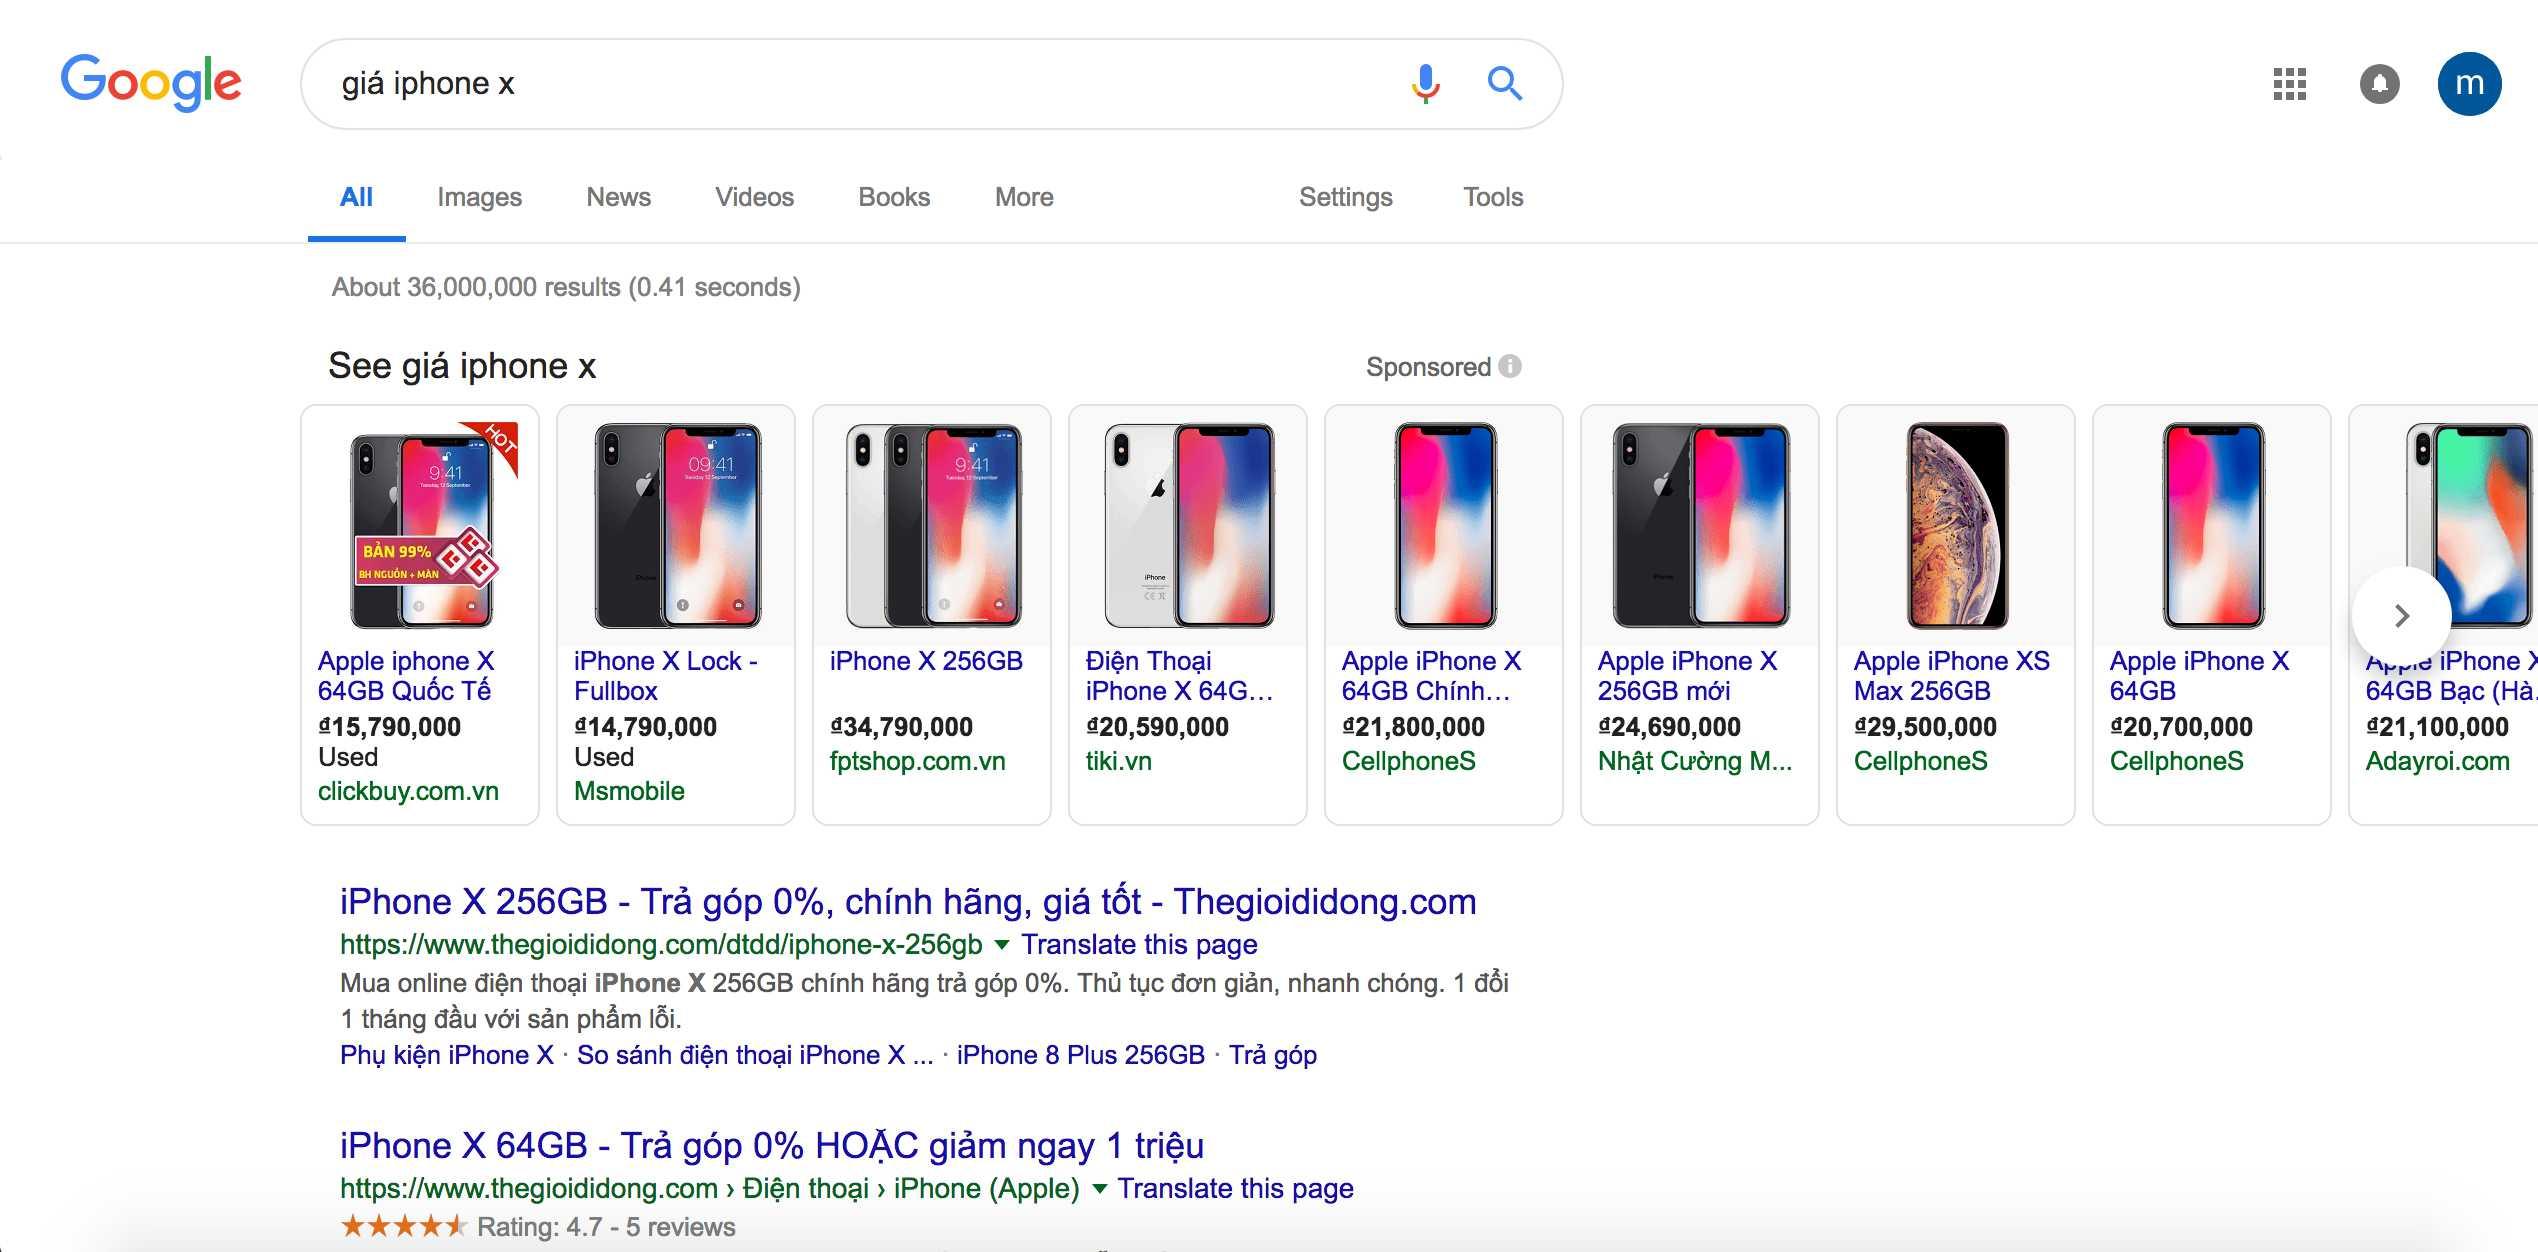 Google Shopping là loại hình quảng cáo mới trên thanh search Google